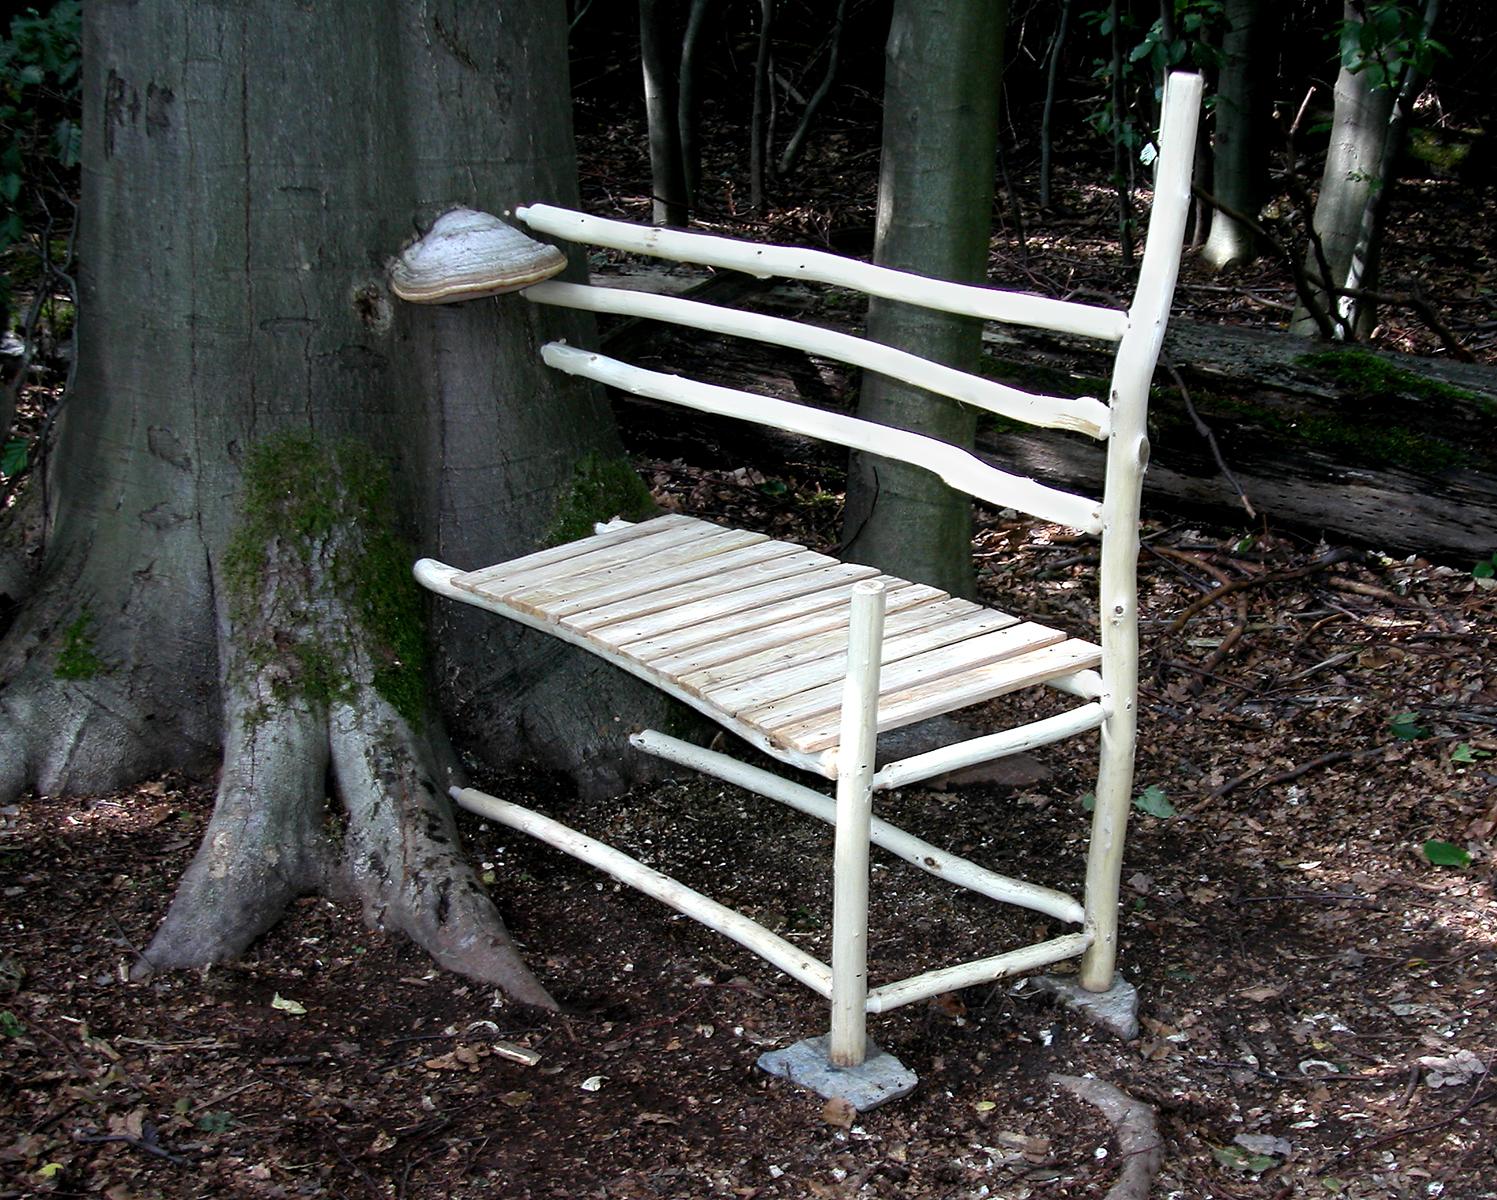 Bench | 2004 | wood | 36 x 30 x 20 | Darmstadt, Germany